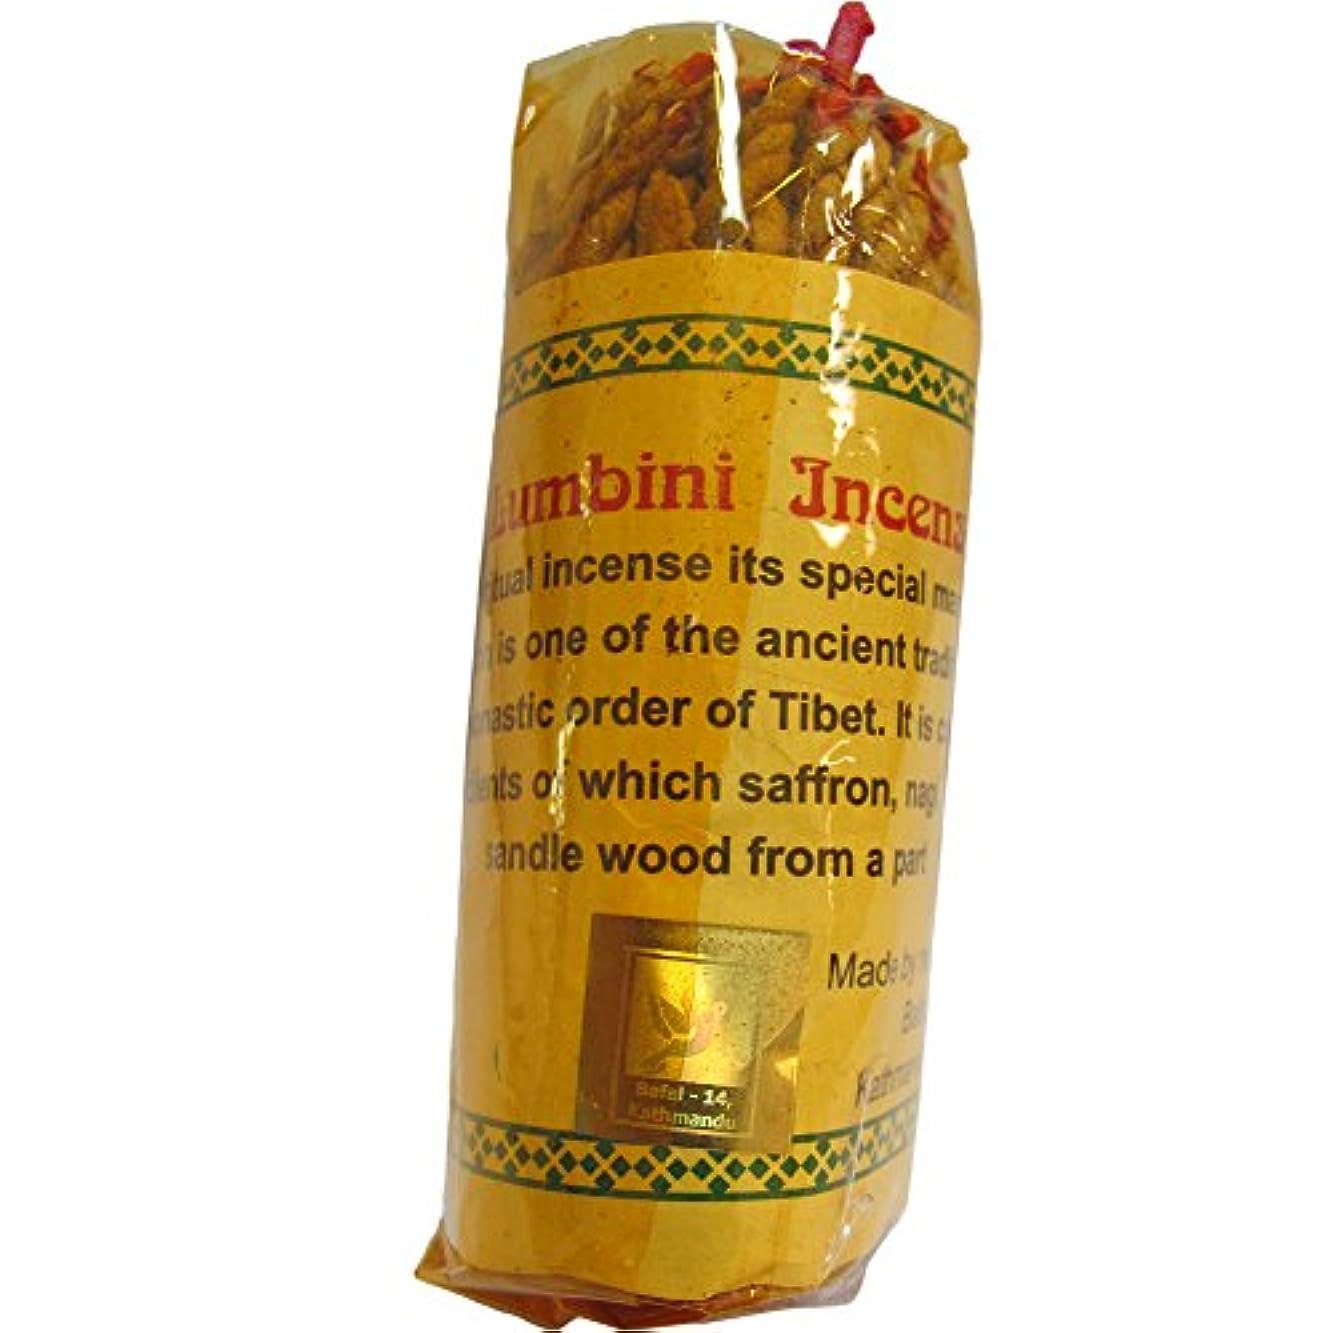 放棄する習慣城チベットルンビニ従来ロープZimbu Ritual Incense ( 45 Sticks )